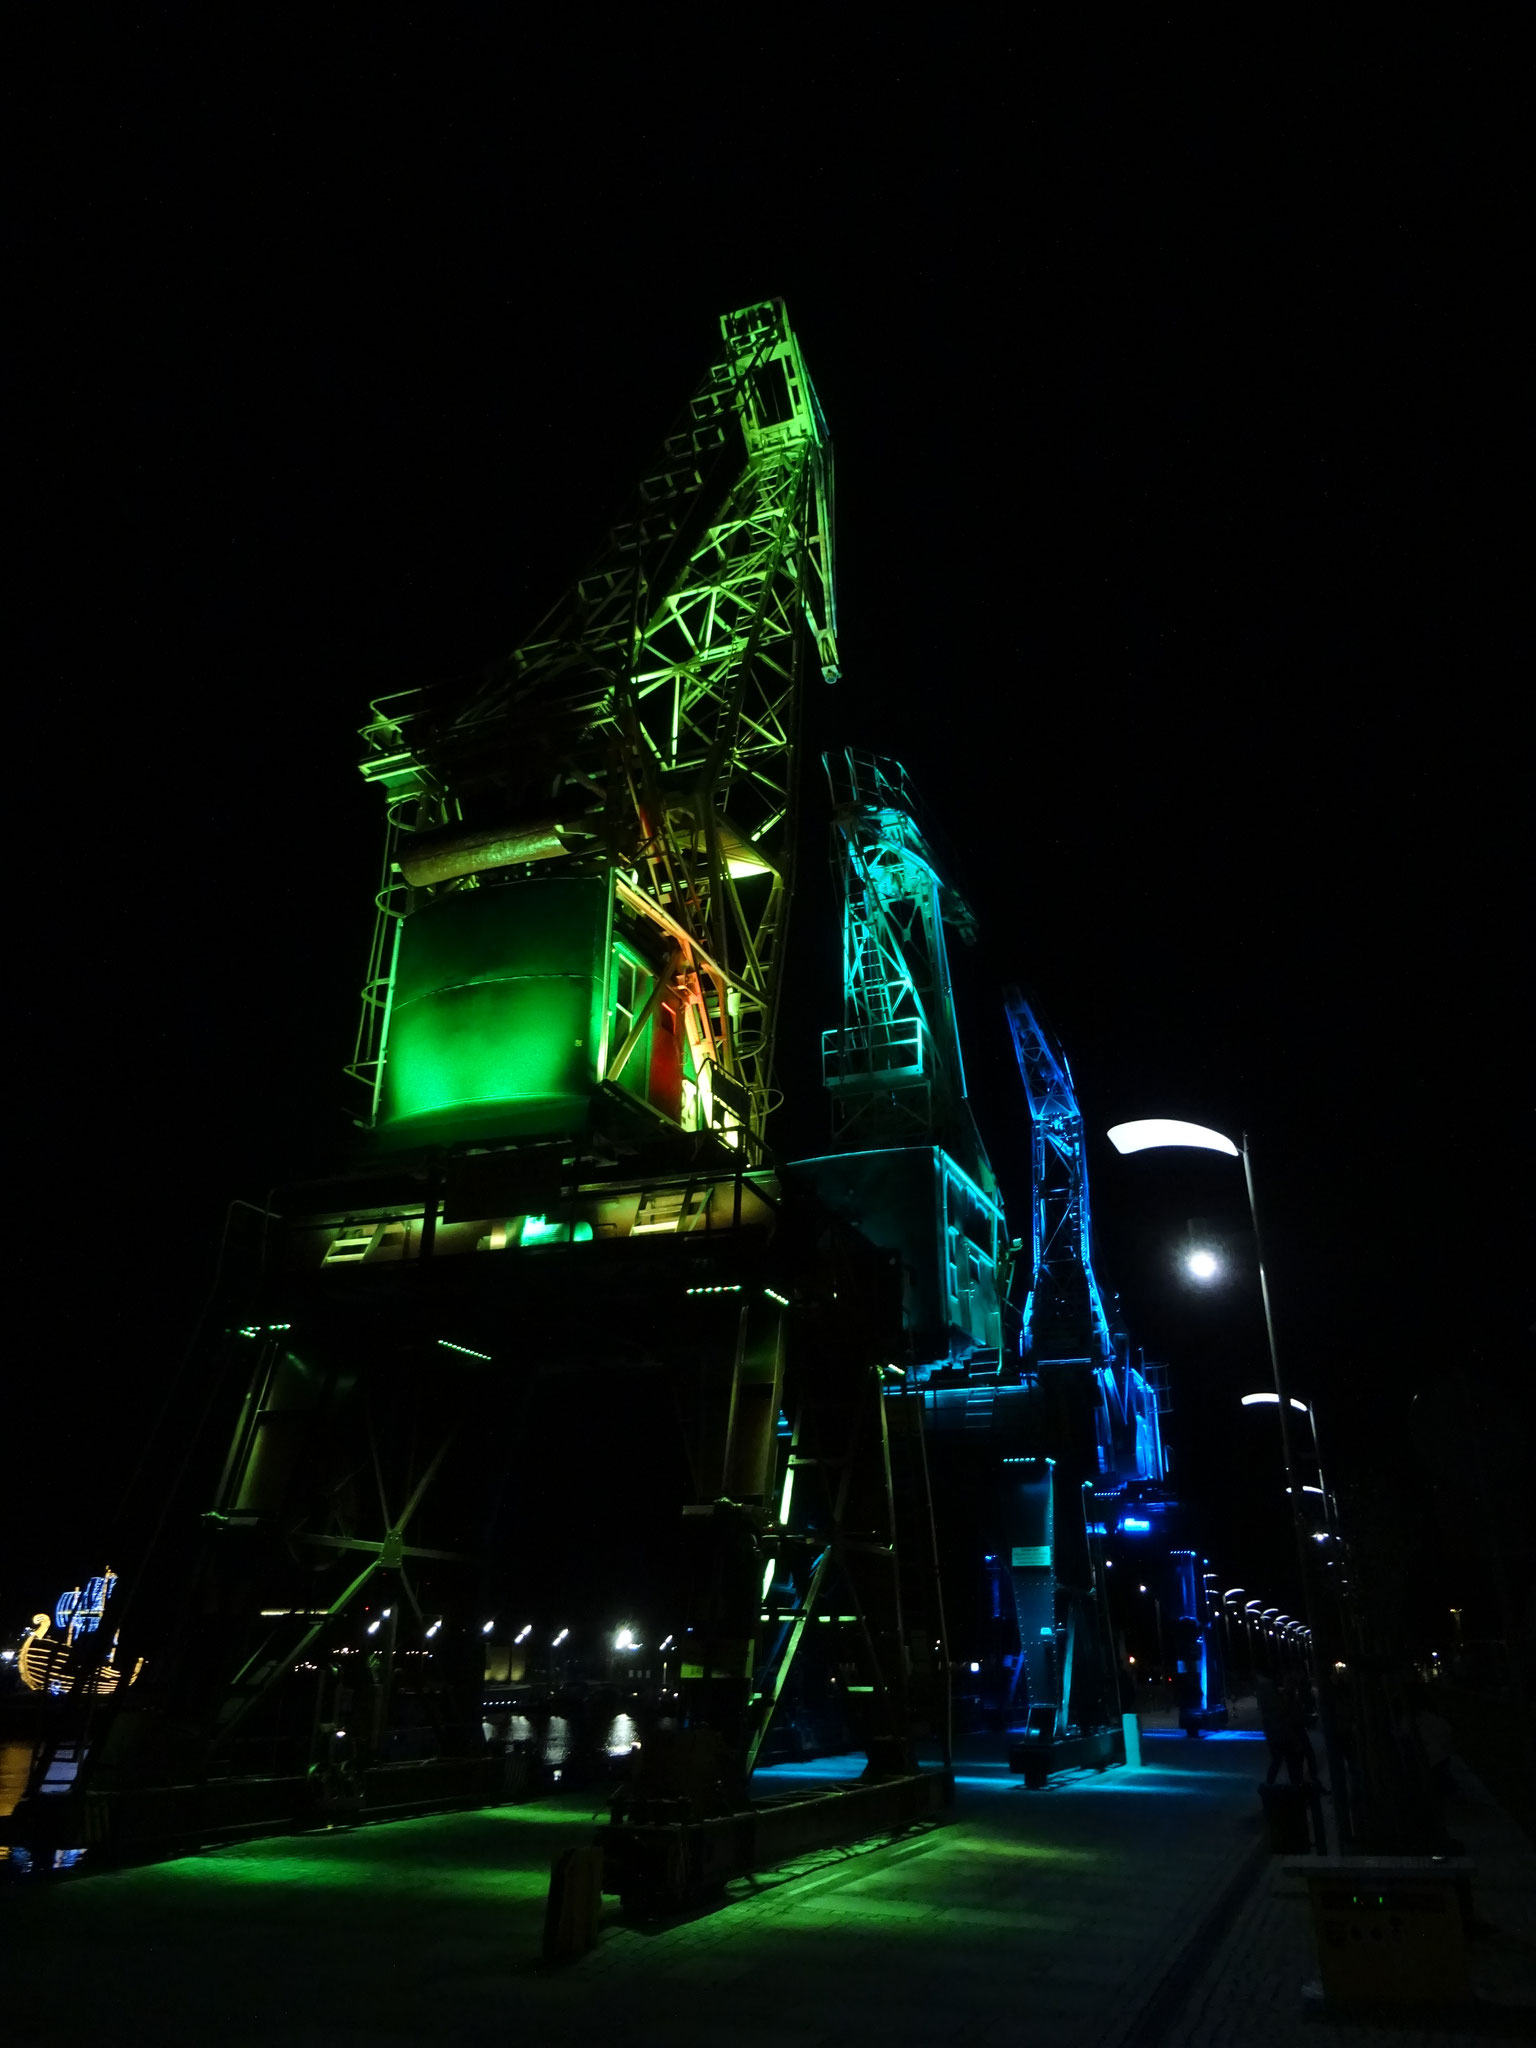 Stettin alter Kran Lichtinstallation grün blau